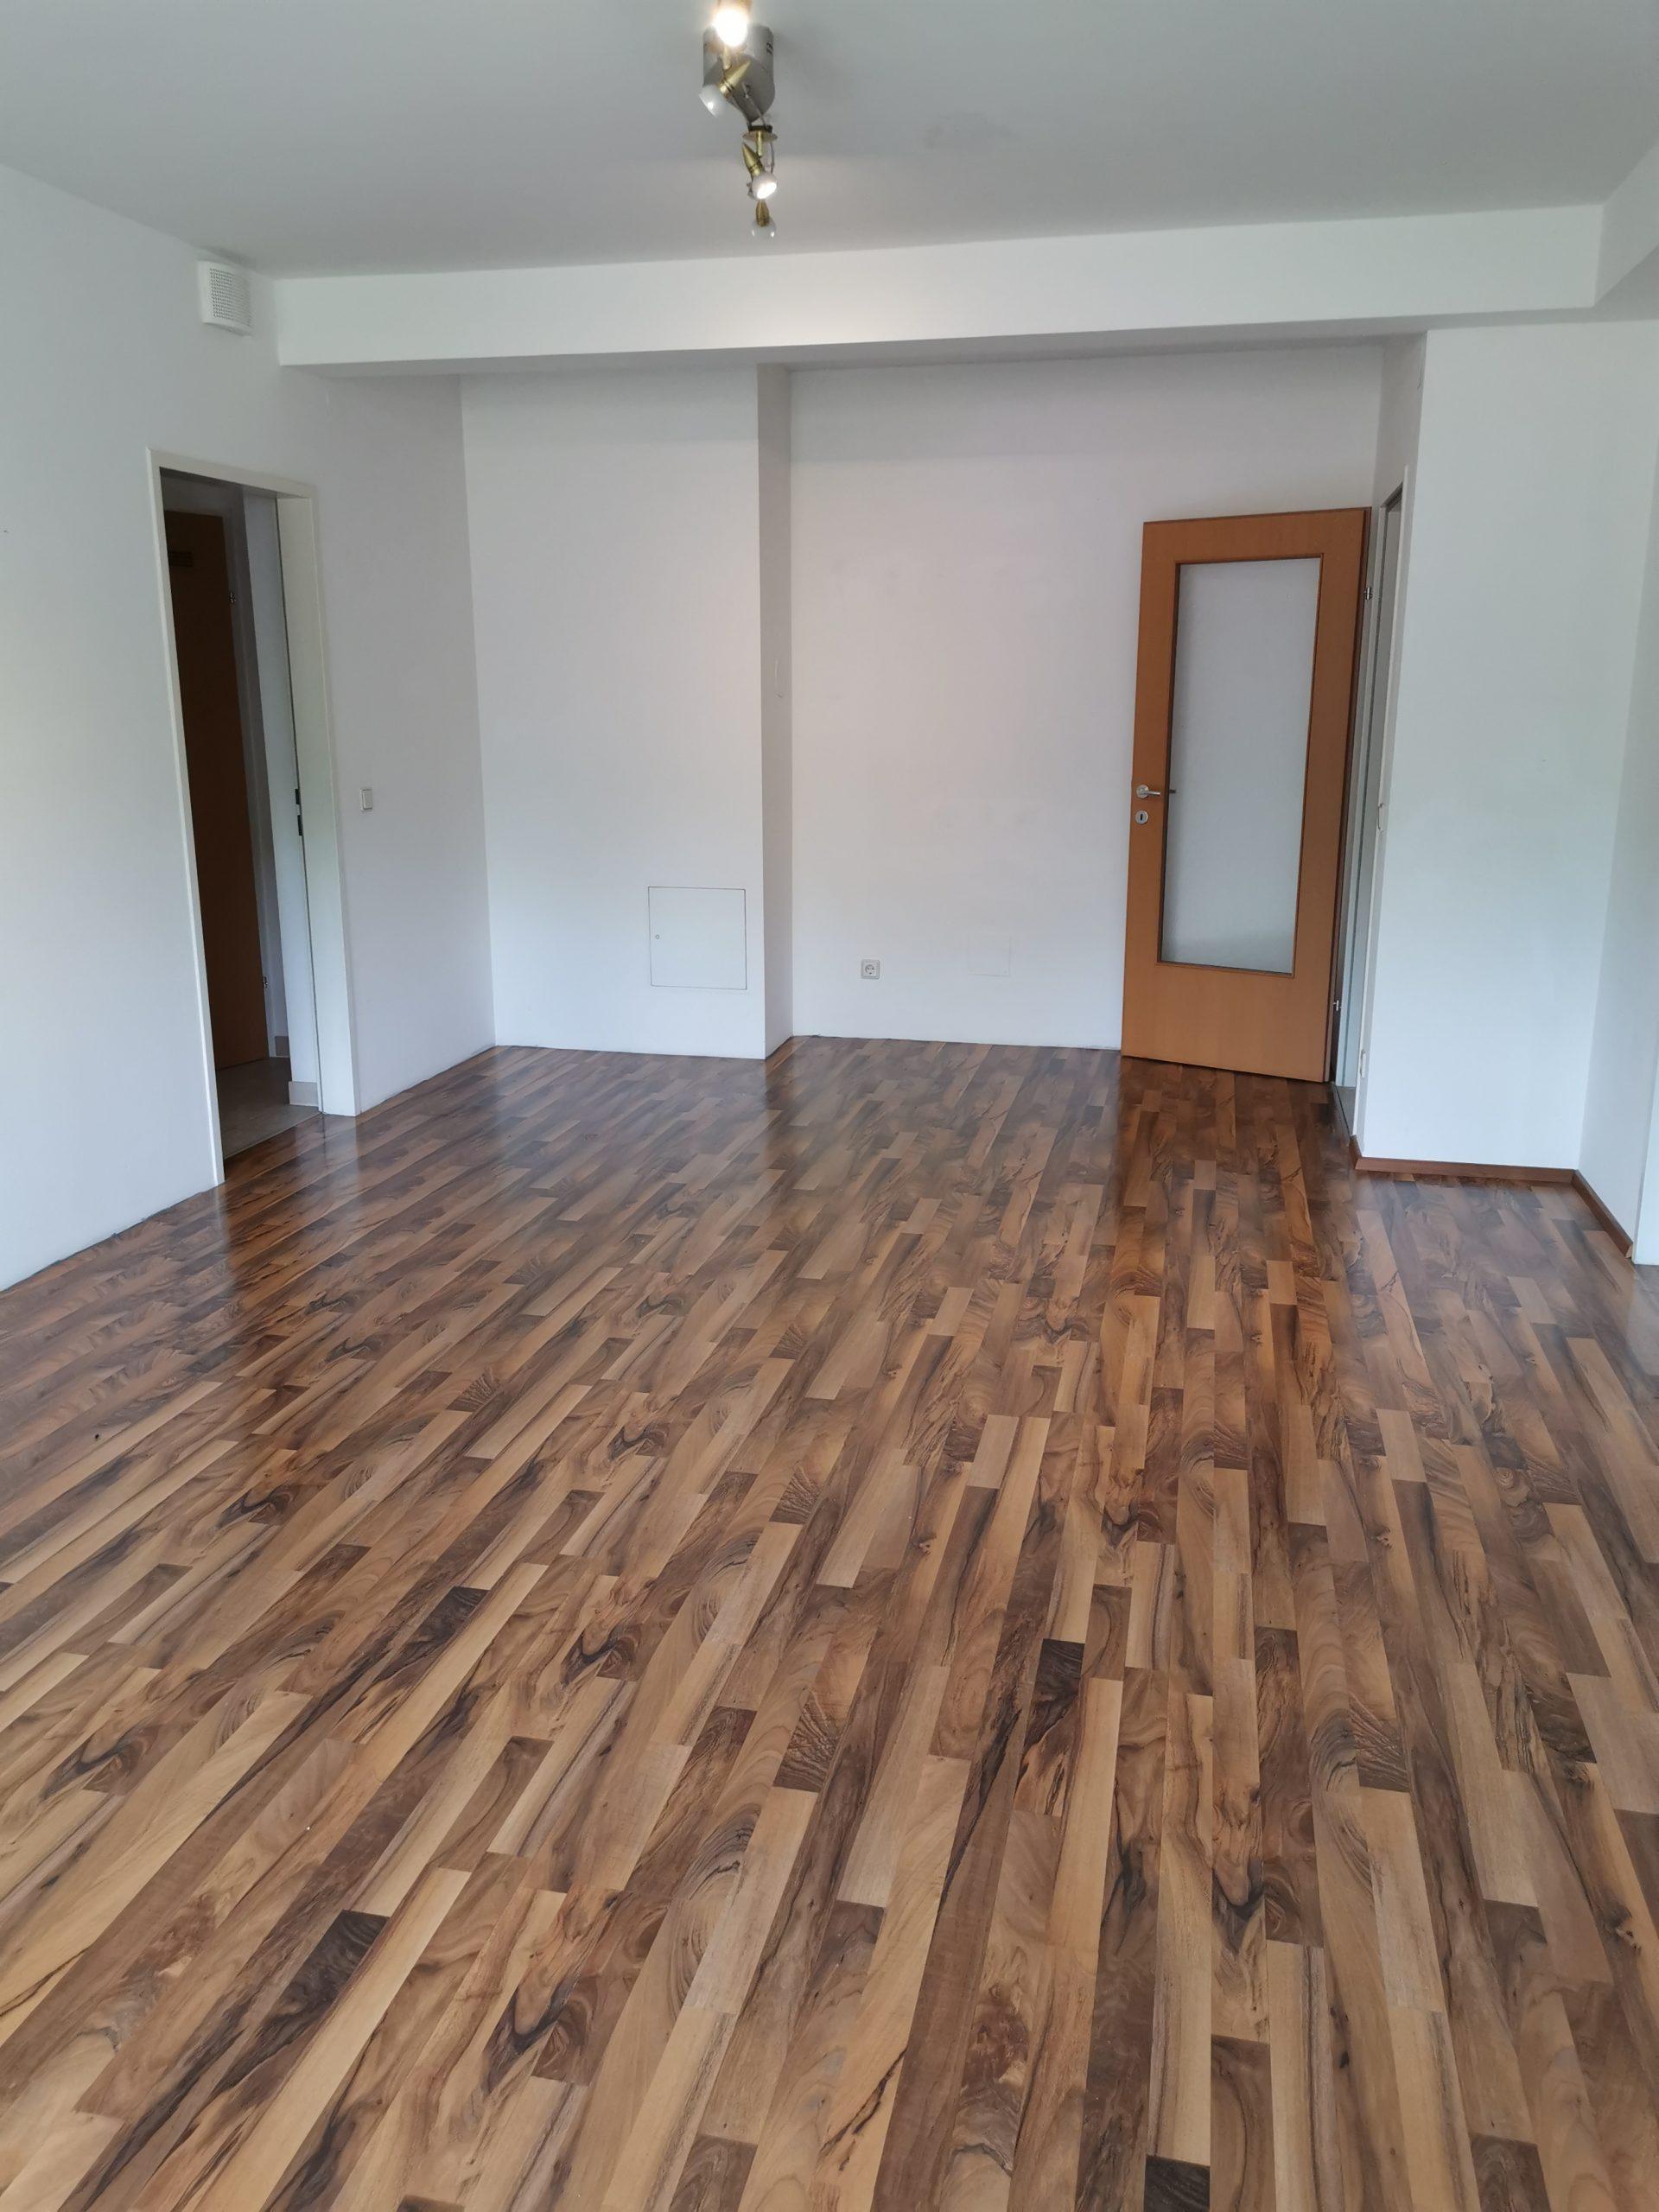 Immobilie von Kamptal in 3730 Eggenburg, Horn, Eggenburg V/2 - Top 111 #2